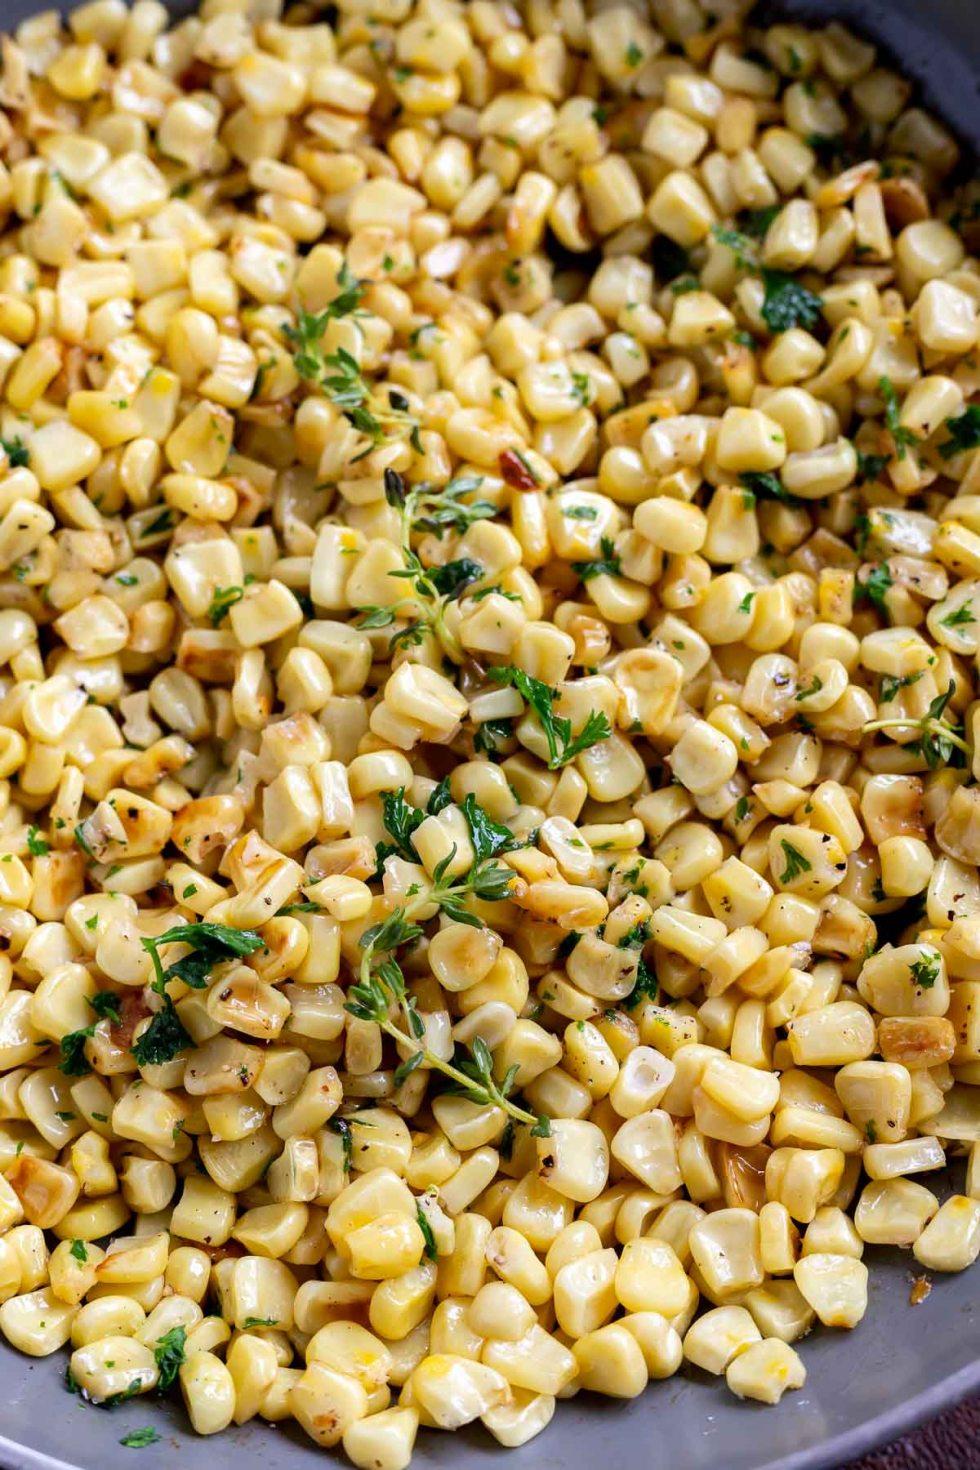 yellow corn and green fresh thyme in pan